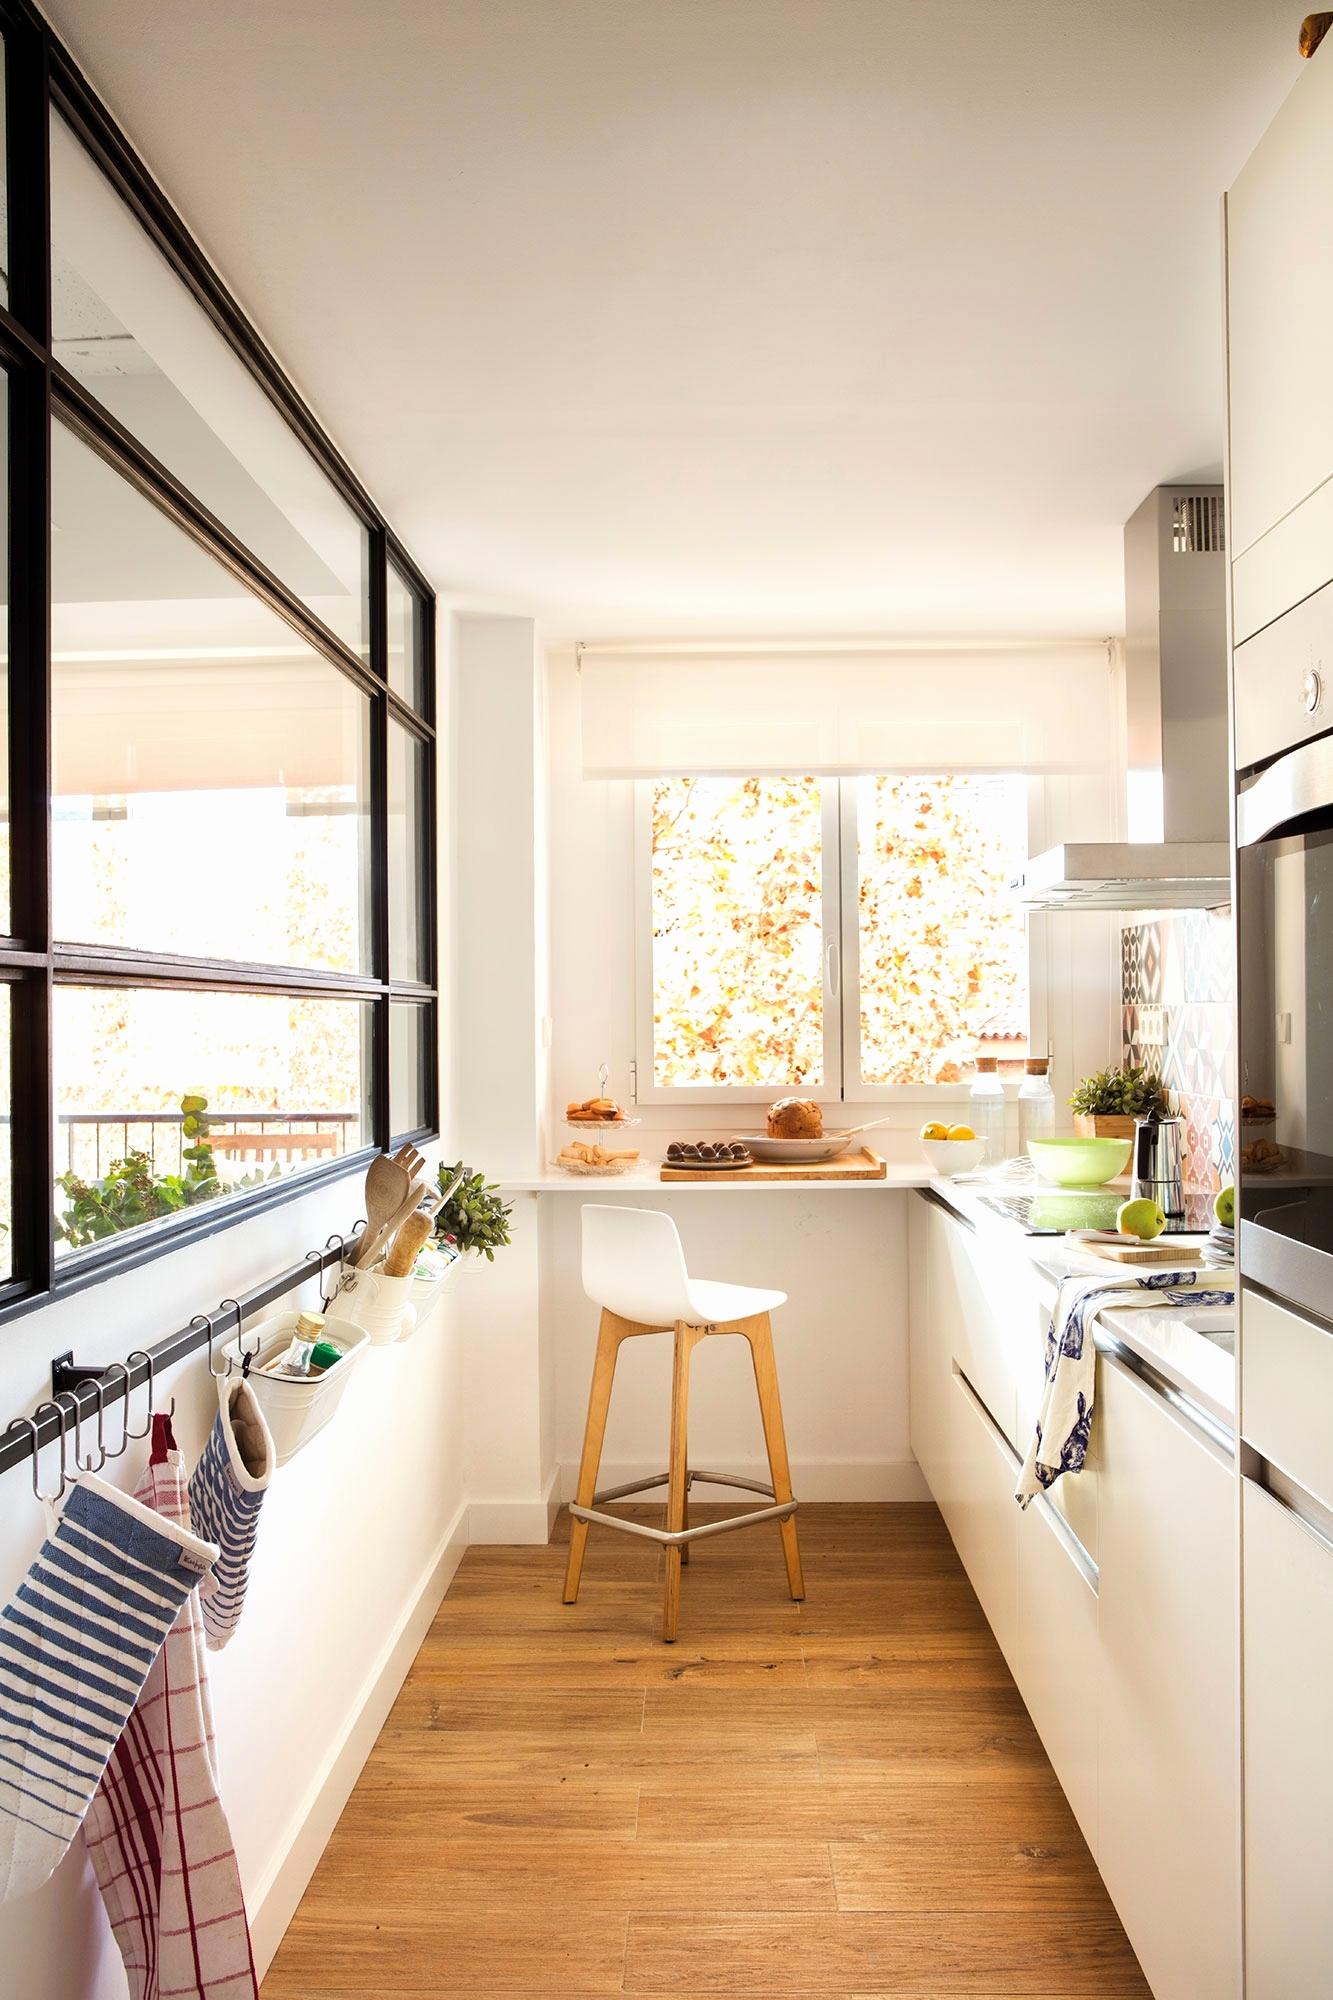 ff55cec6279f La sensación de desayunar frente a una ventana nos encanta, no sólo por la  calidez de la luz natural sino también por el beneficio de amplitud visual.